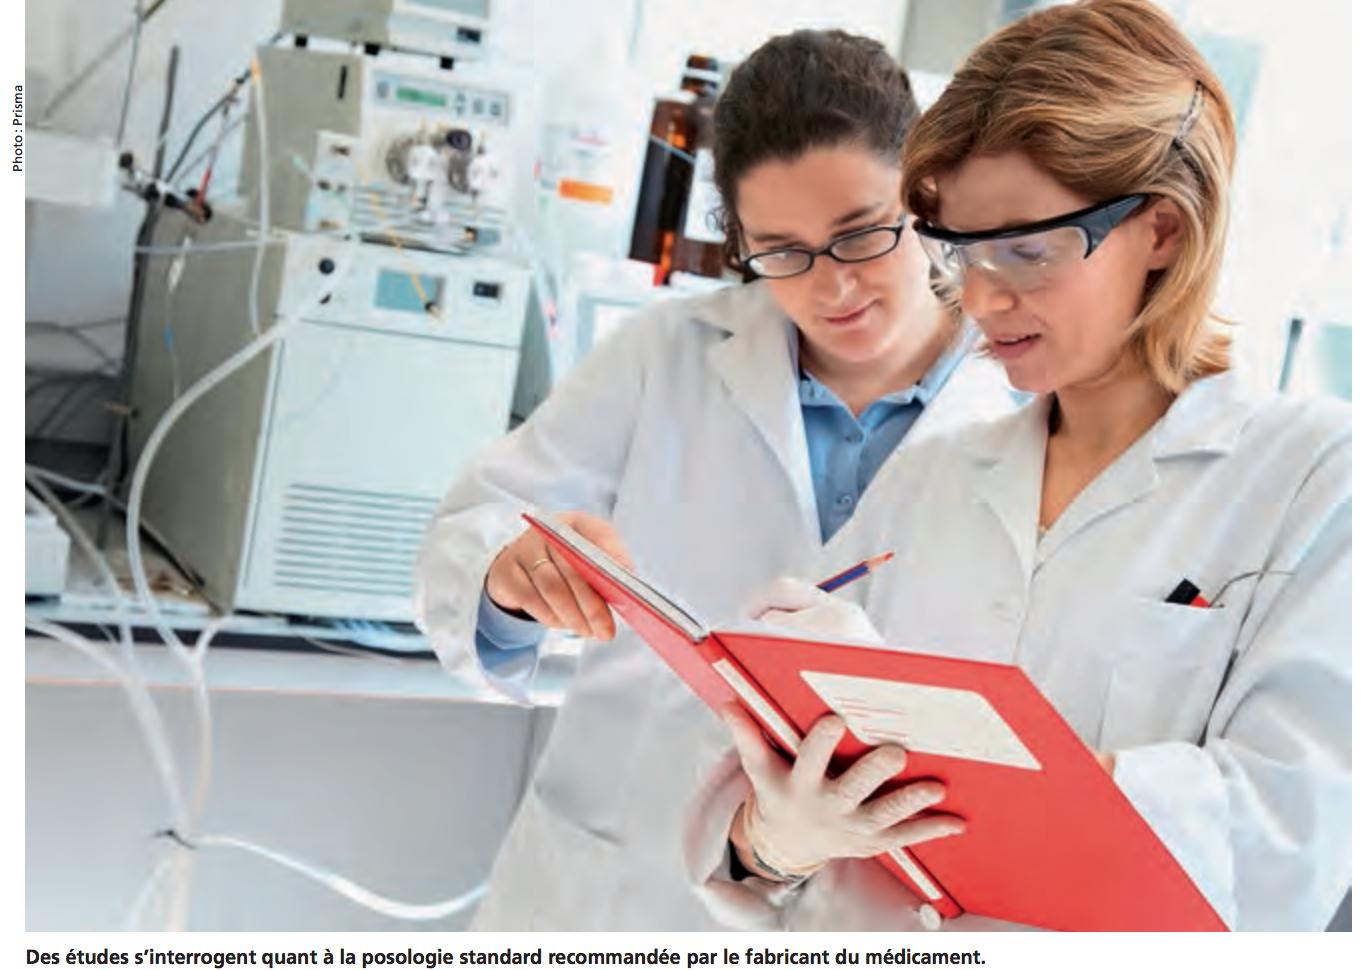 Des études s'interrogent quant à la posologie standard recommandée par le fabricant du médicament.